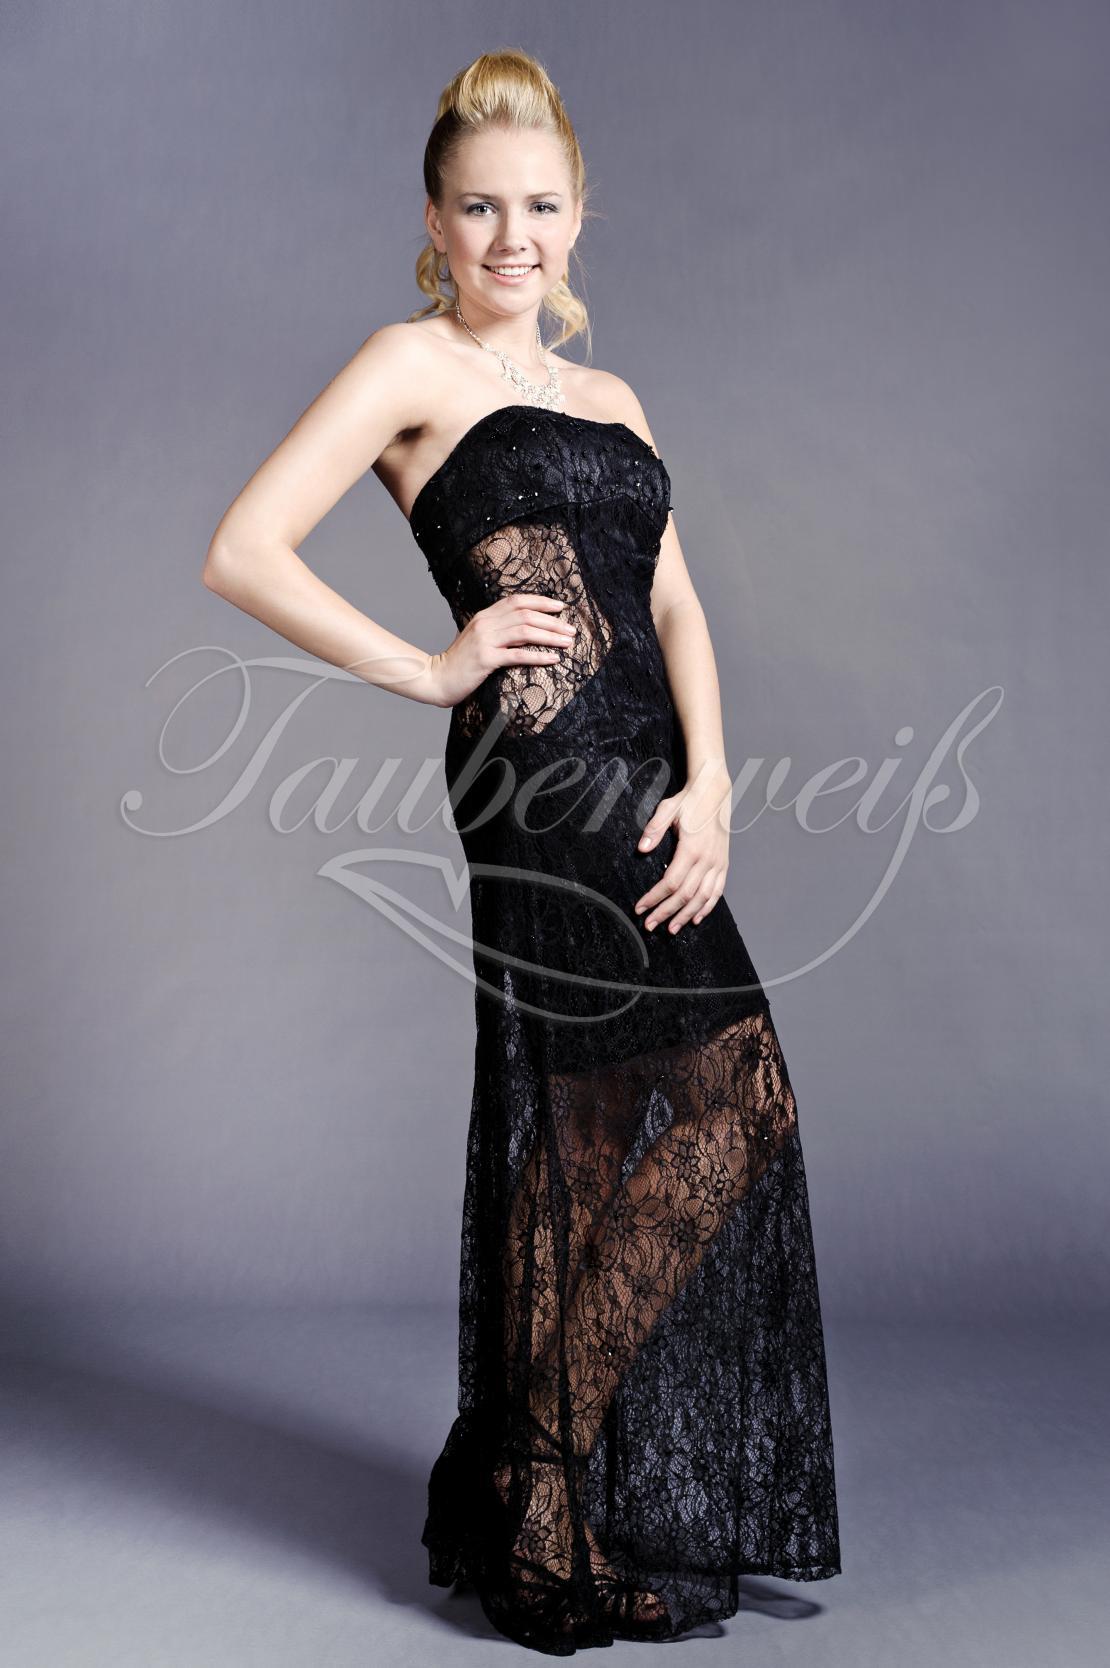 abendkleid tw0032a - abendkleid spitze schwarz transparent durchsichtig  sexy trägerlos